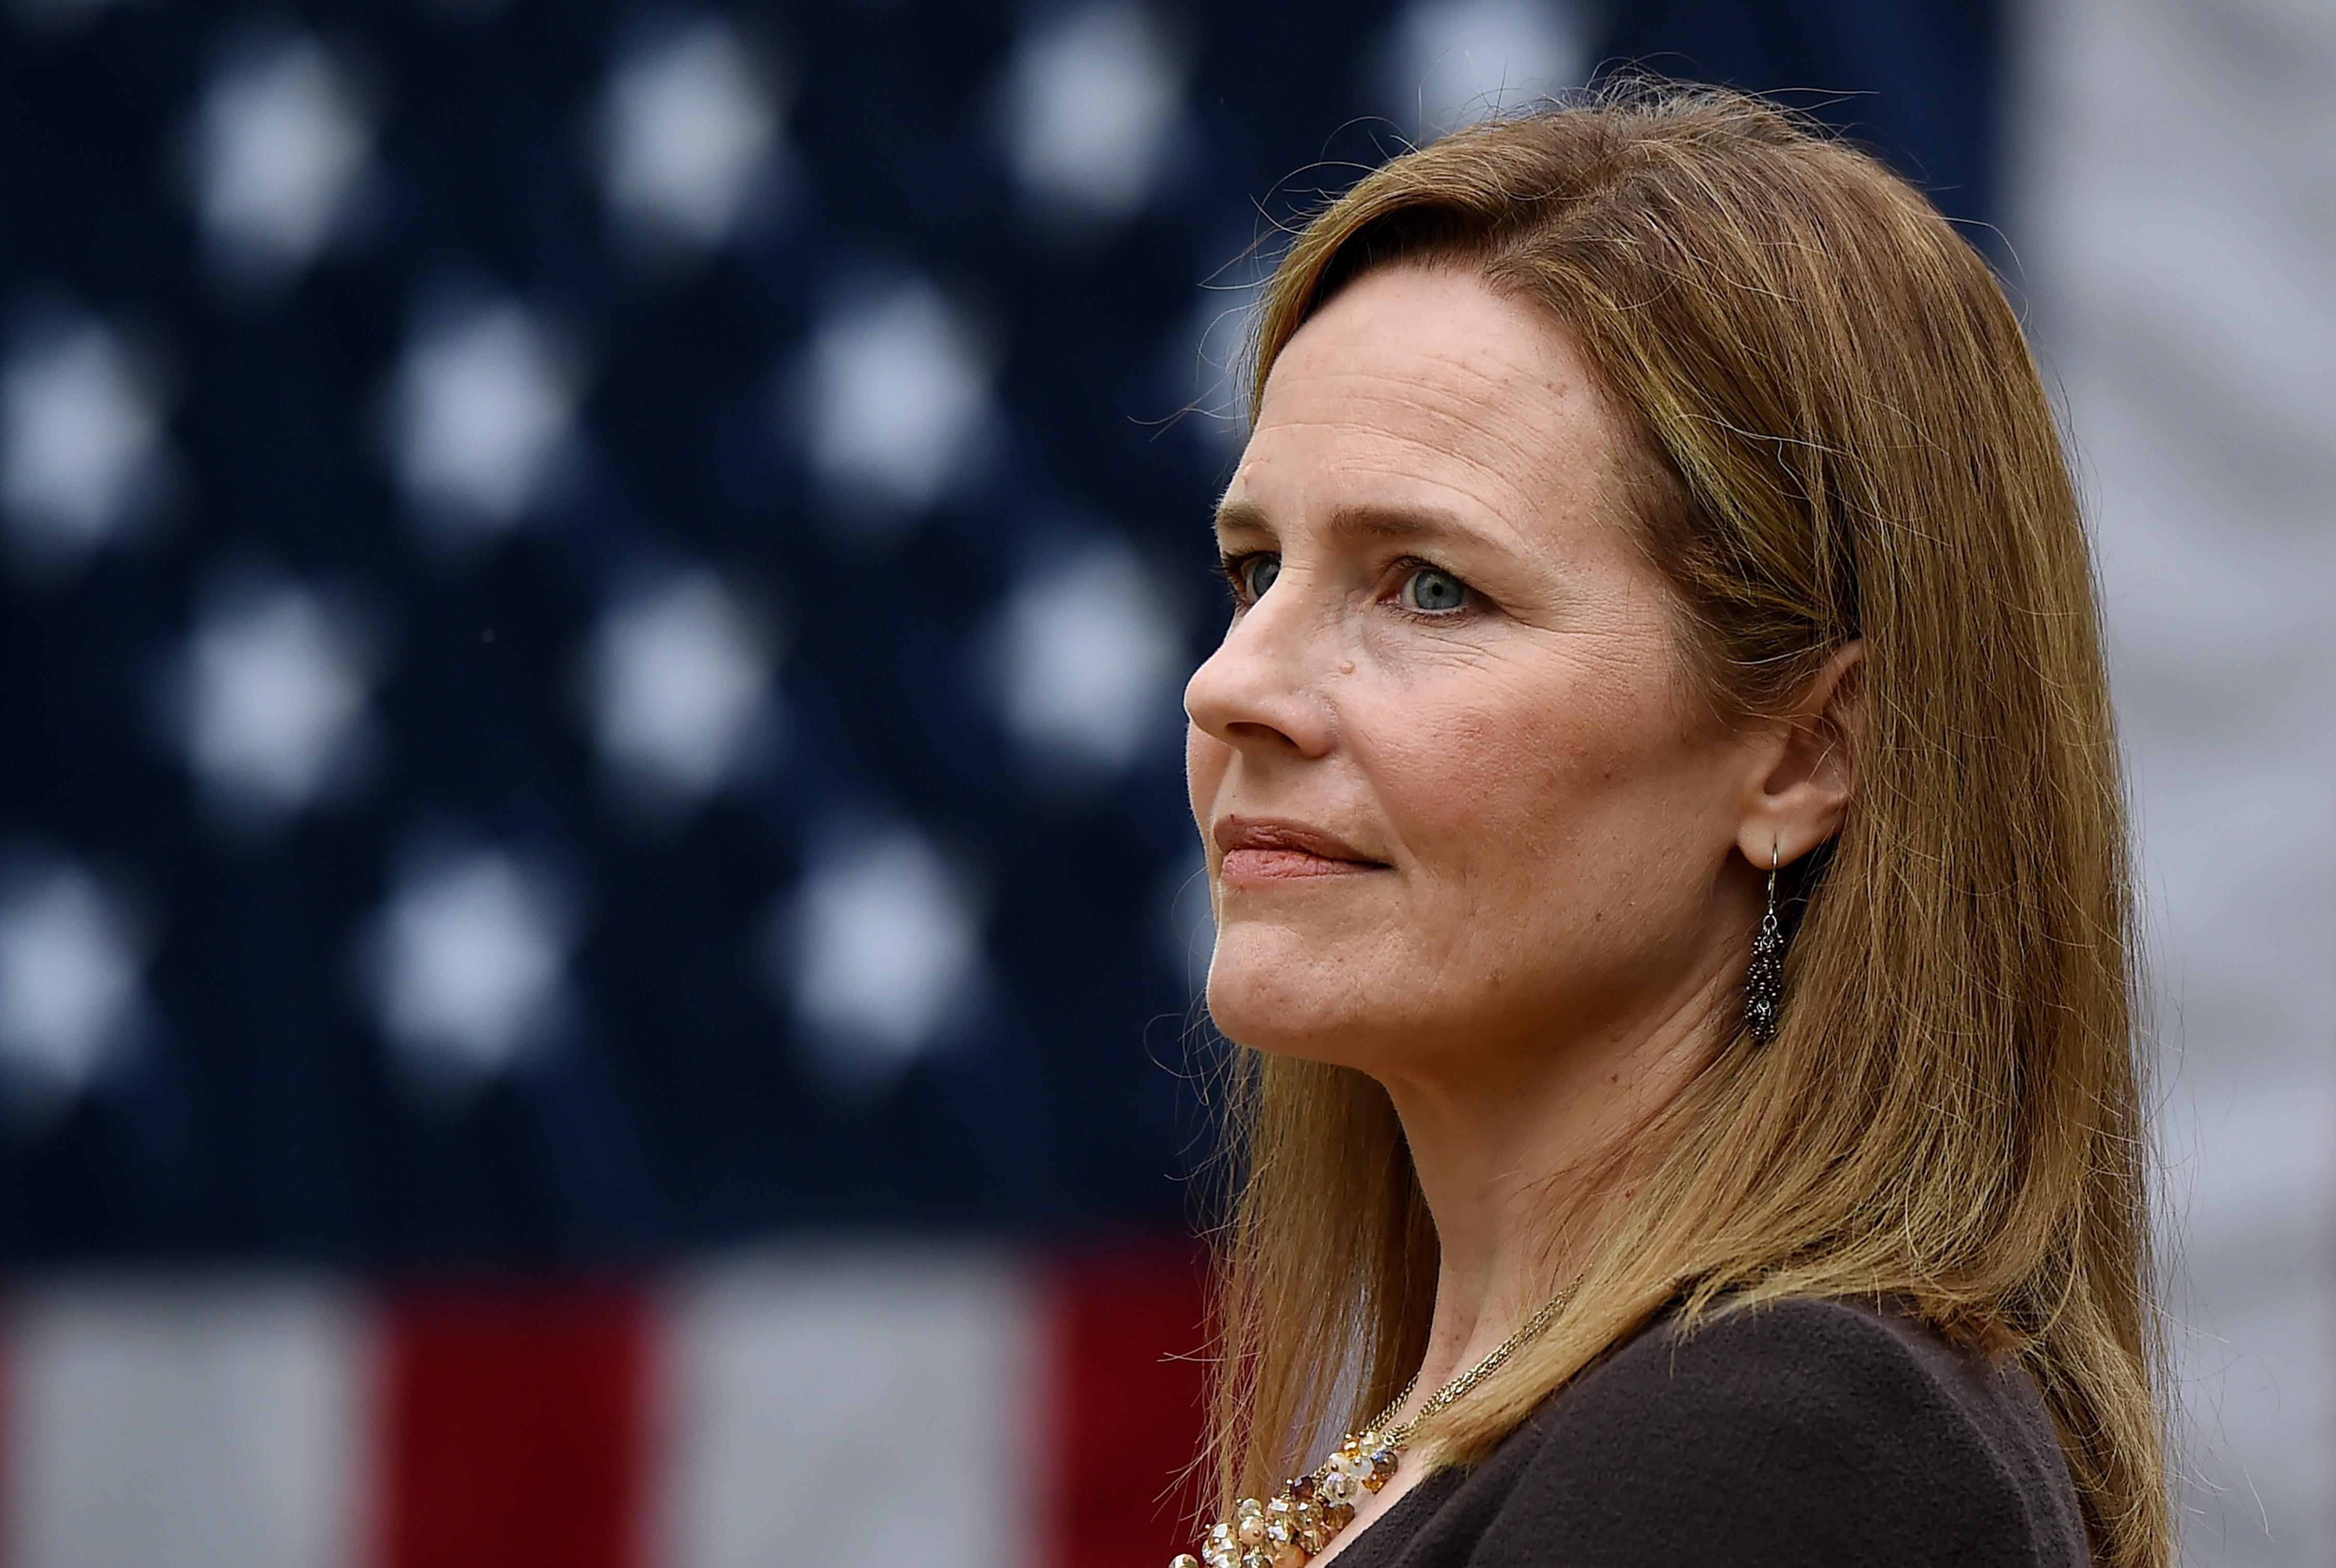 Senado dos EUA quer ratificar juíza conservadora na Suprema Corte até 30 de outubro